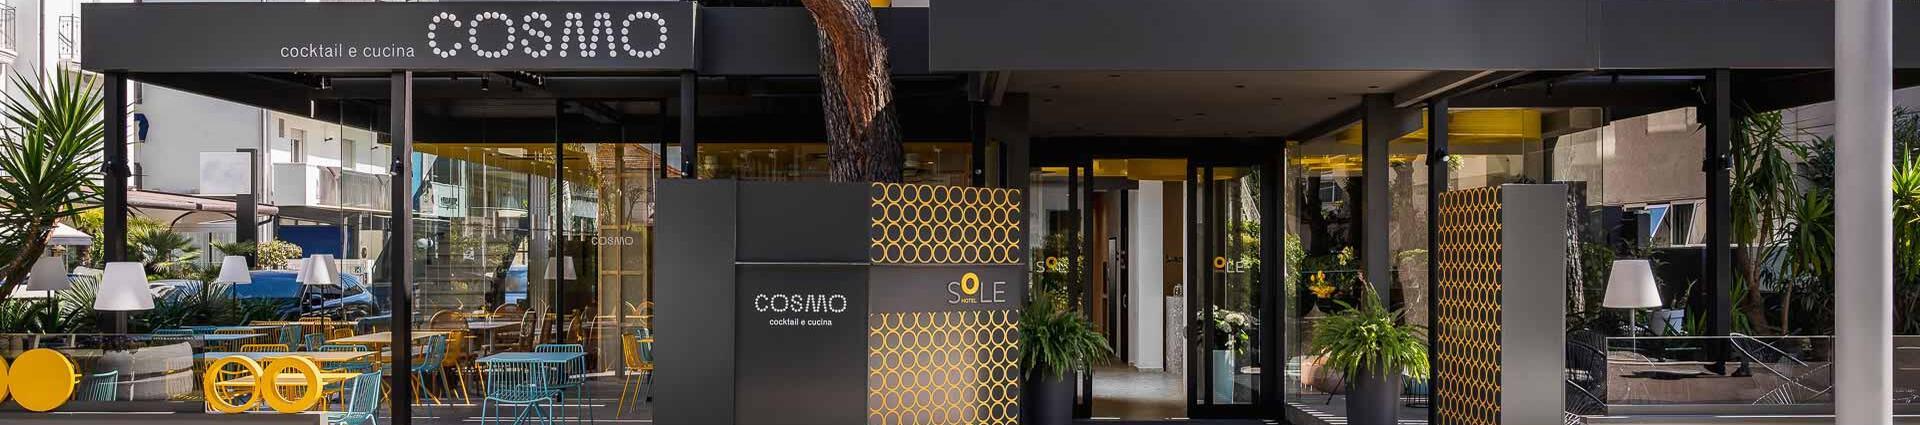 hotelsole en hotel 007